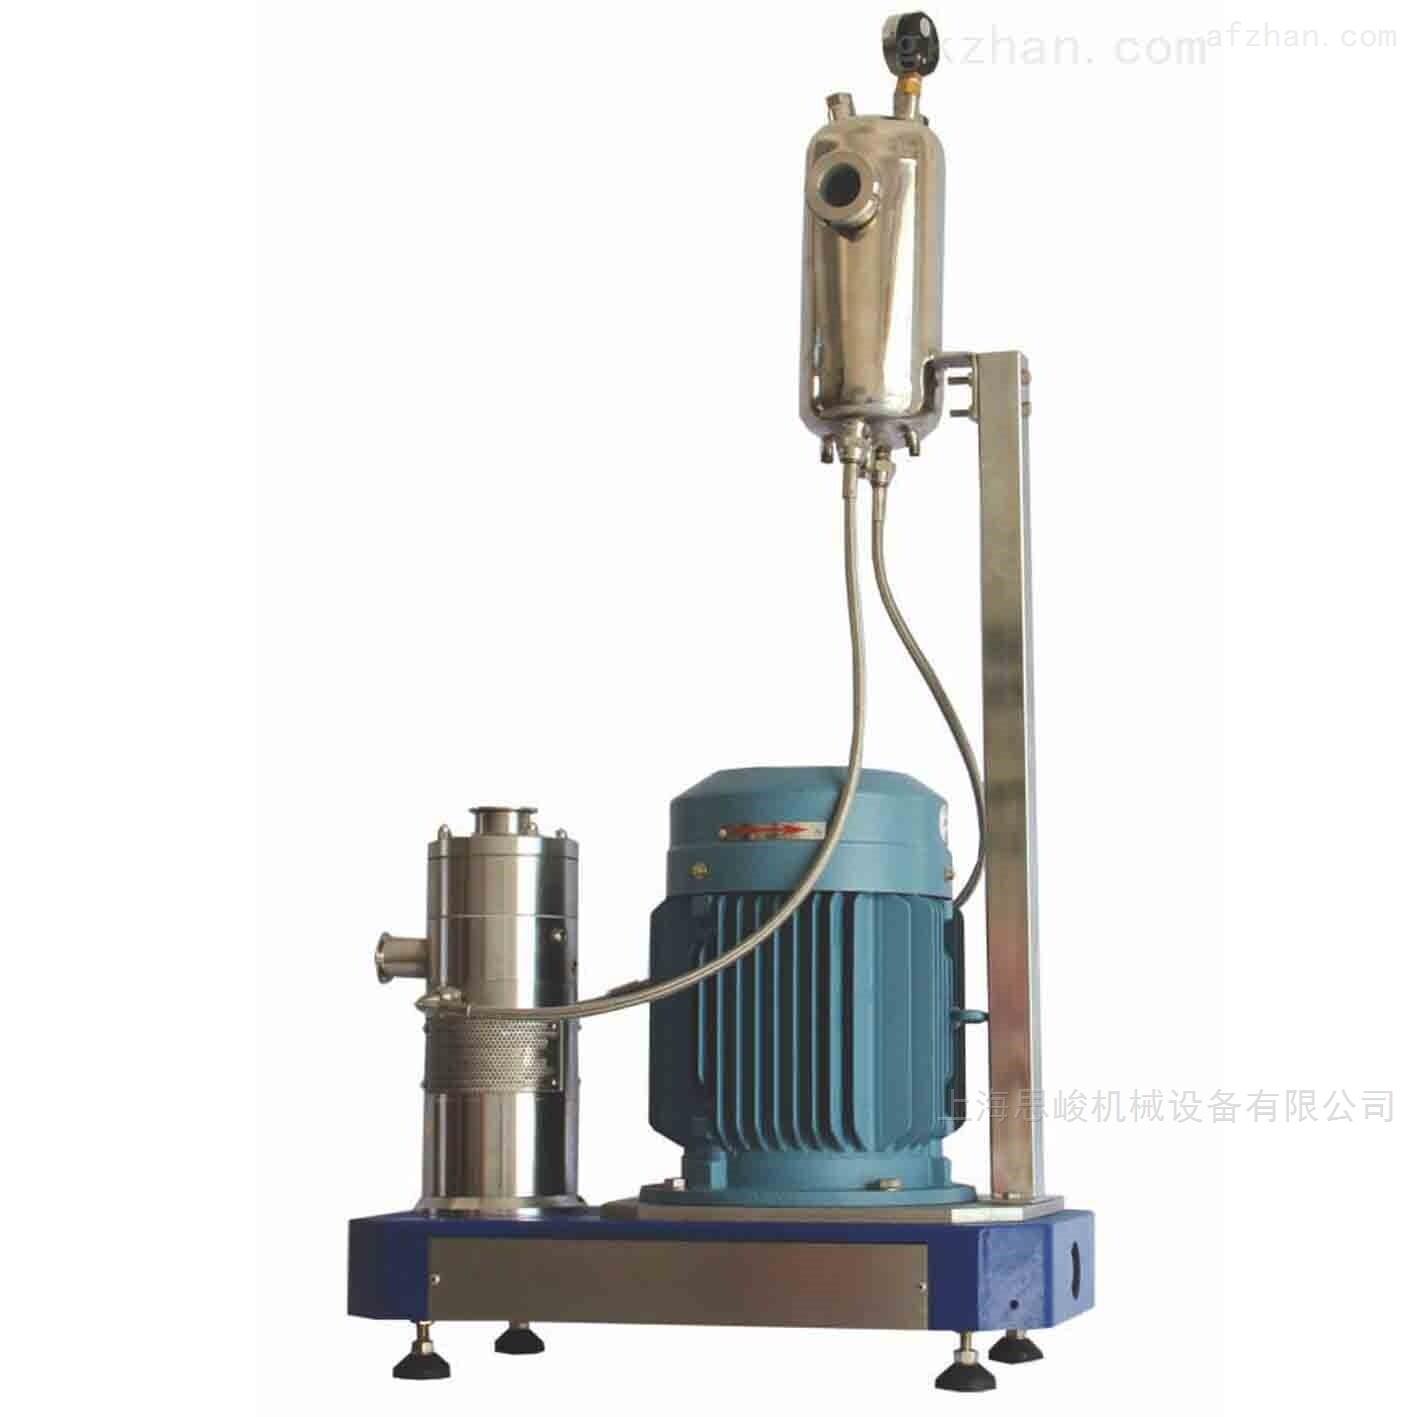 鲁高稳定性橡胶促进剂高速乳化机